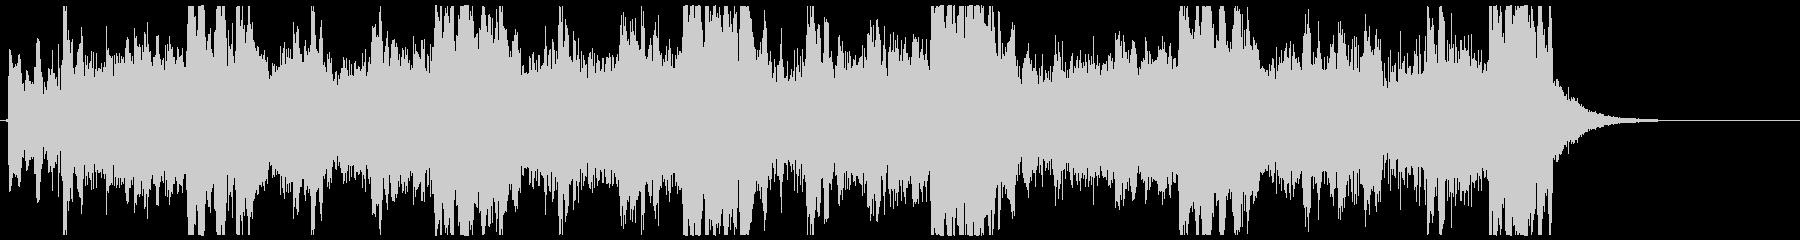 ゴーストベルの未再生の波形